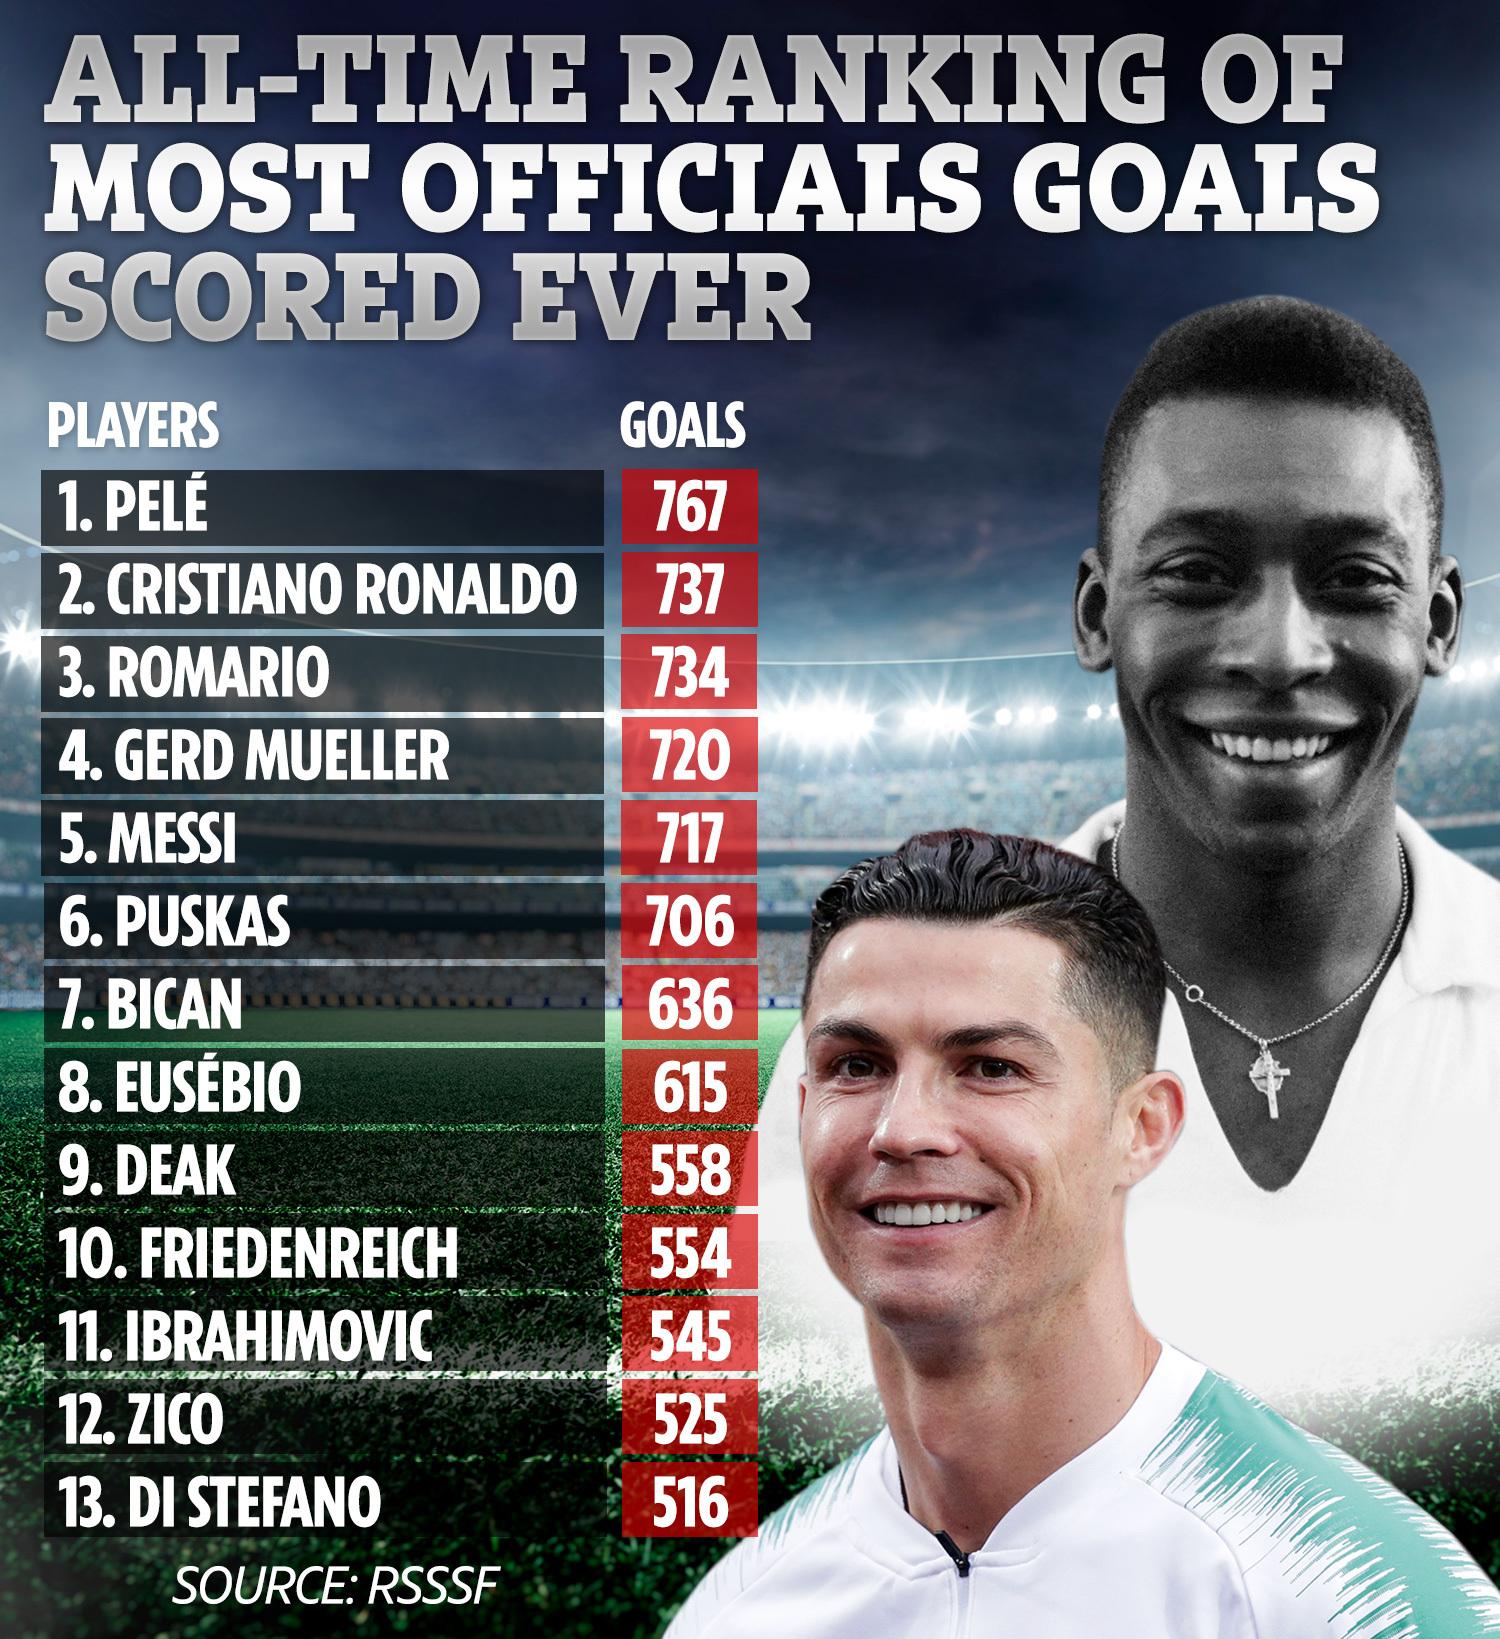 اللاعبين الاكثر تسجيلا فى تاريخ كرة القدم